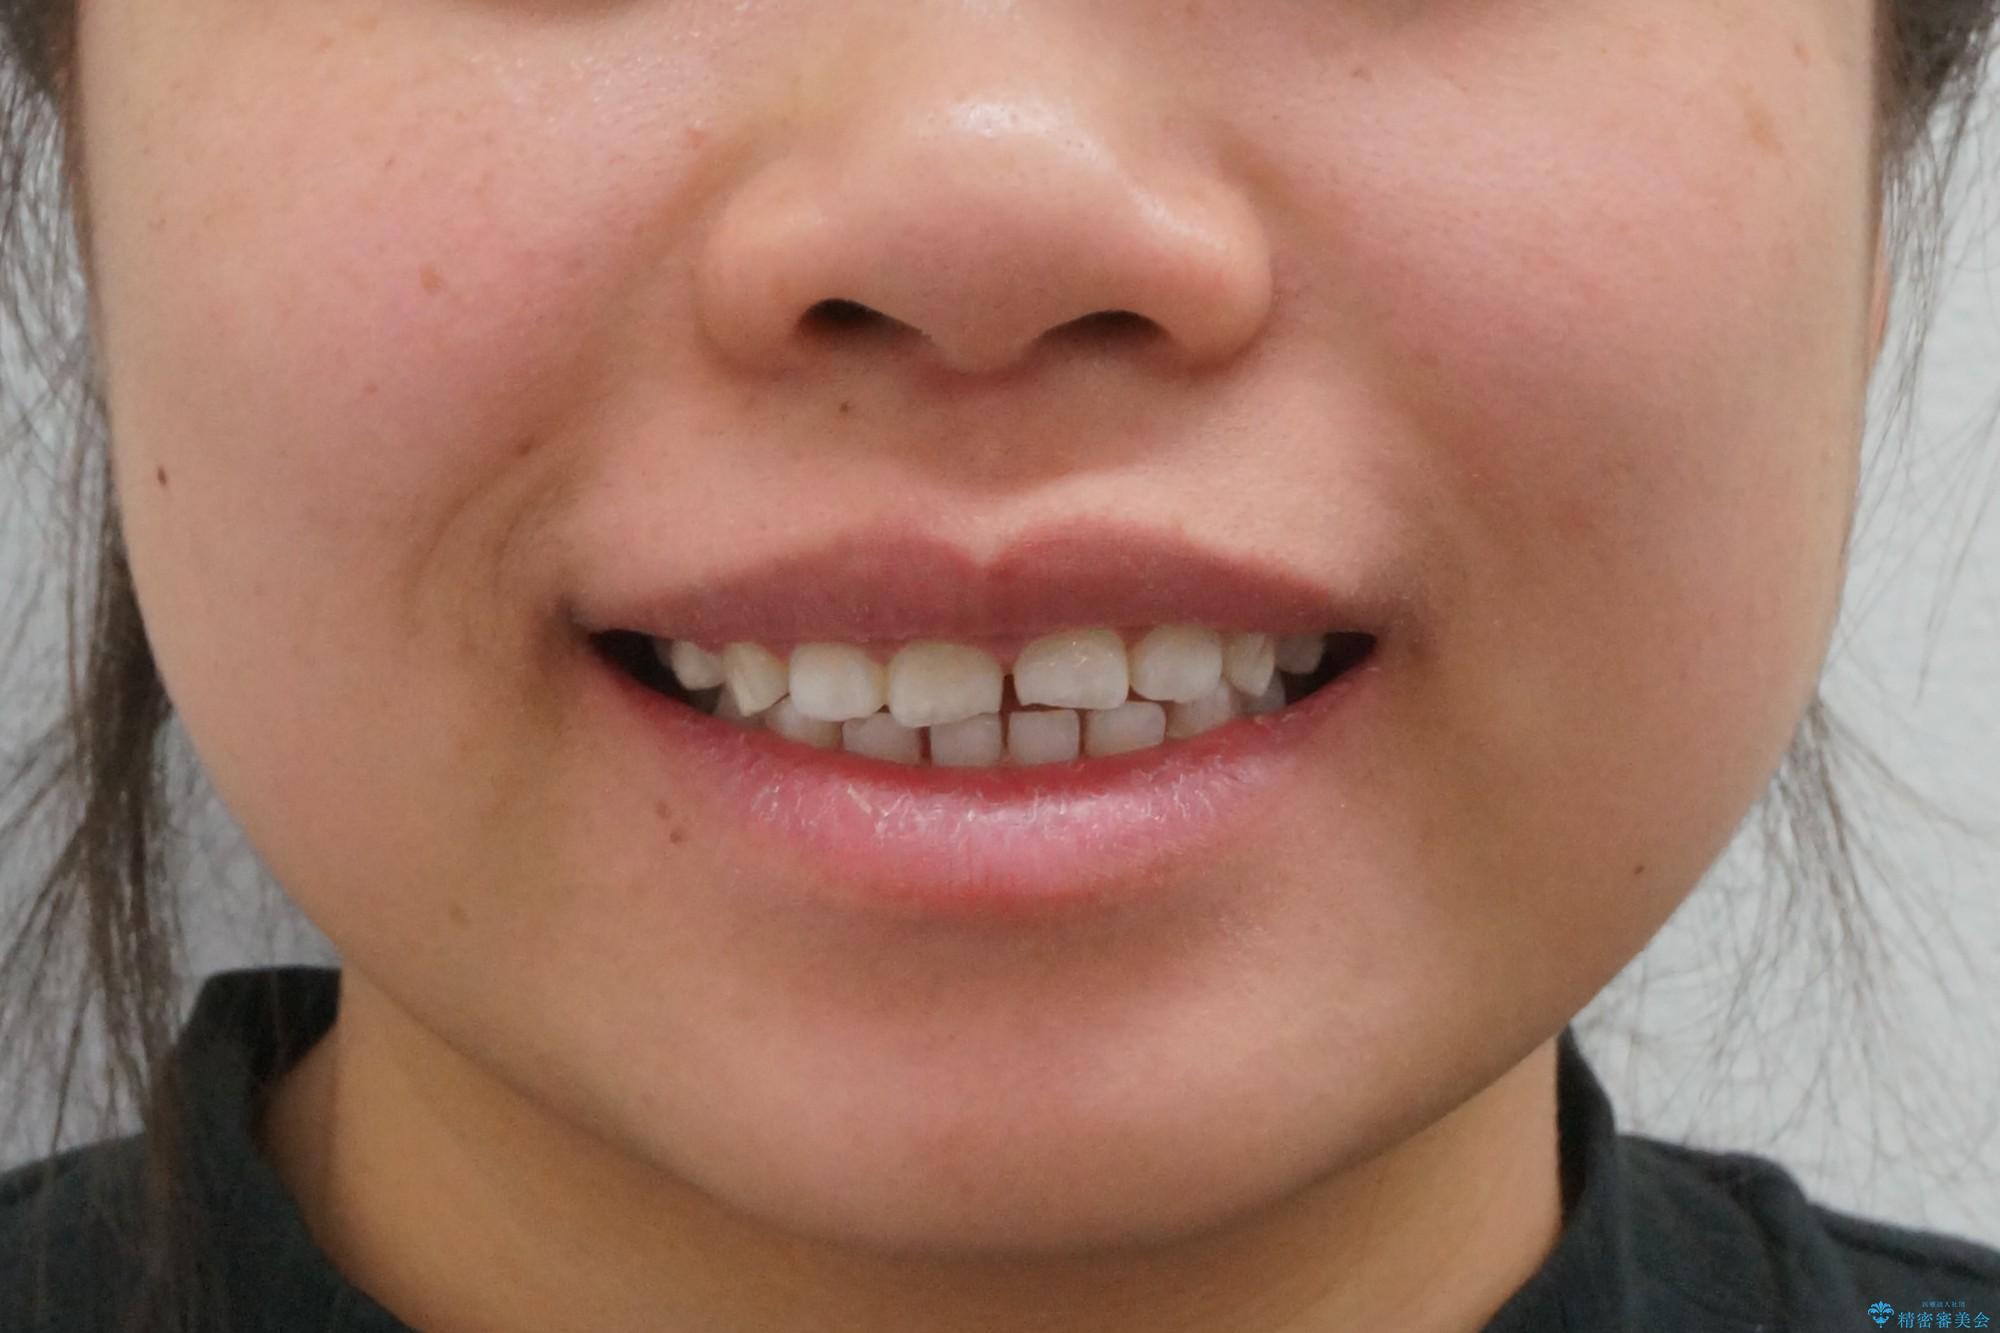 インビザライン 気になるすきっ歯の改善の治療前(顔貌)